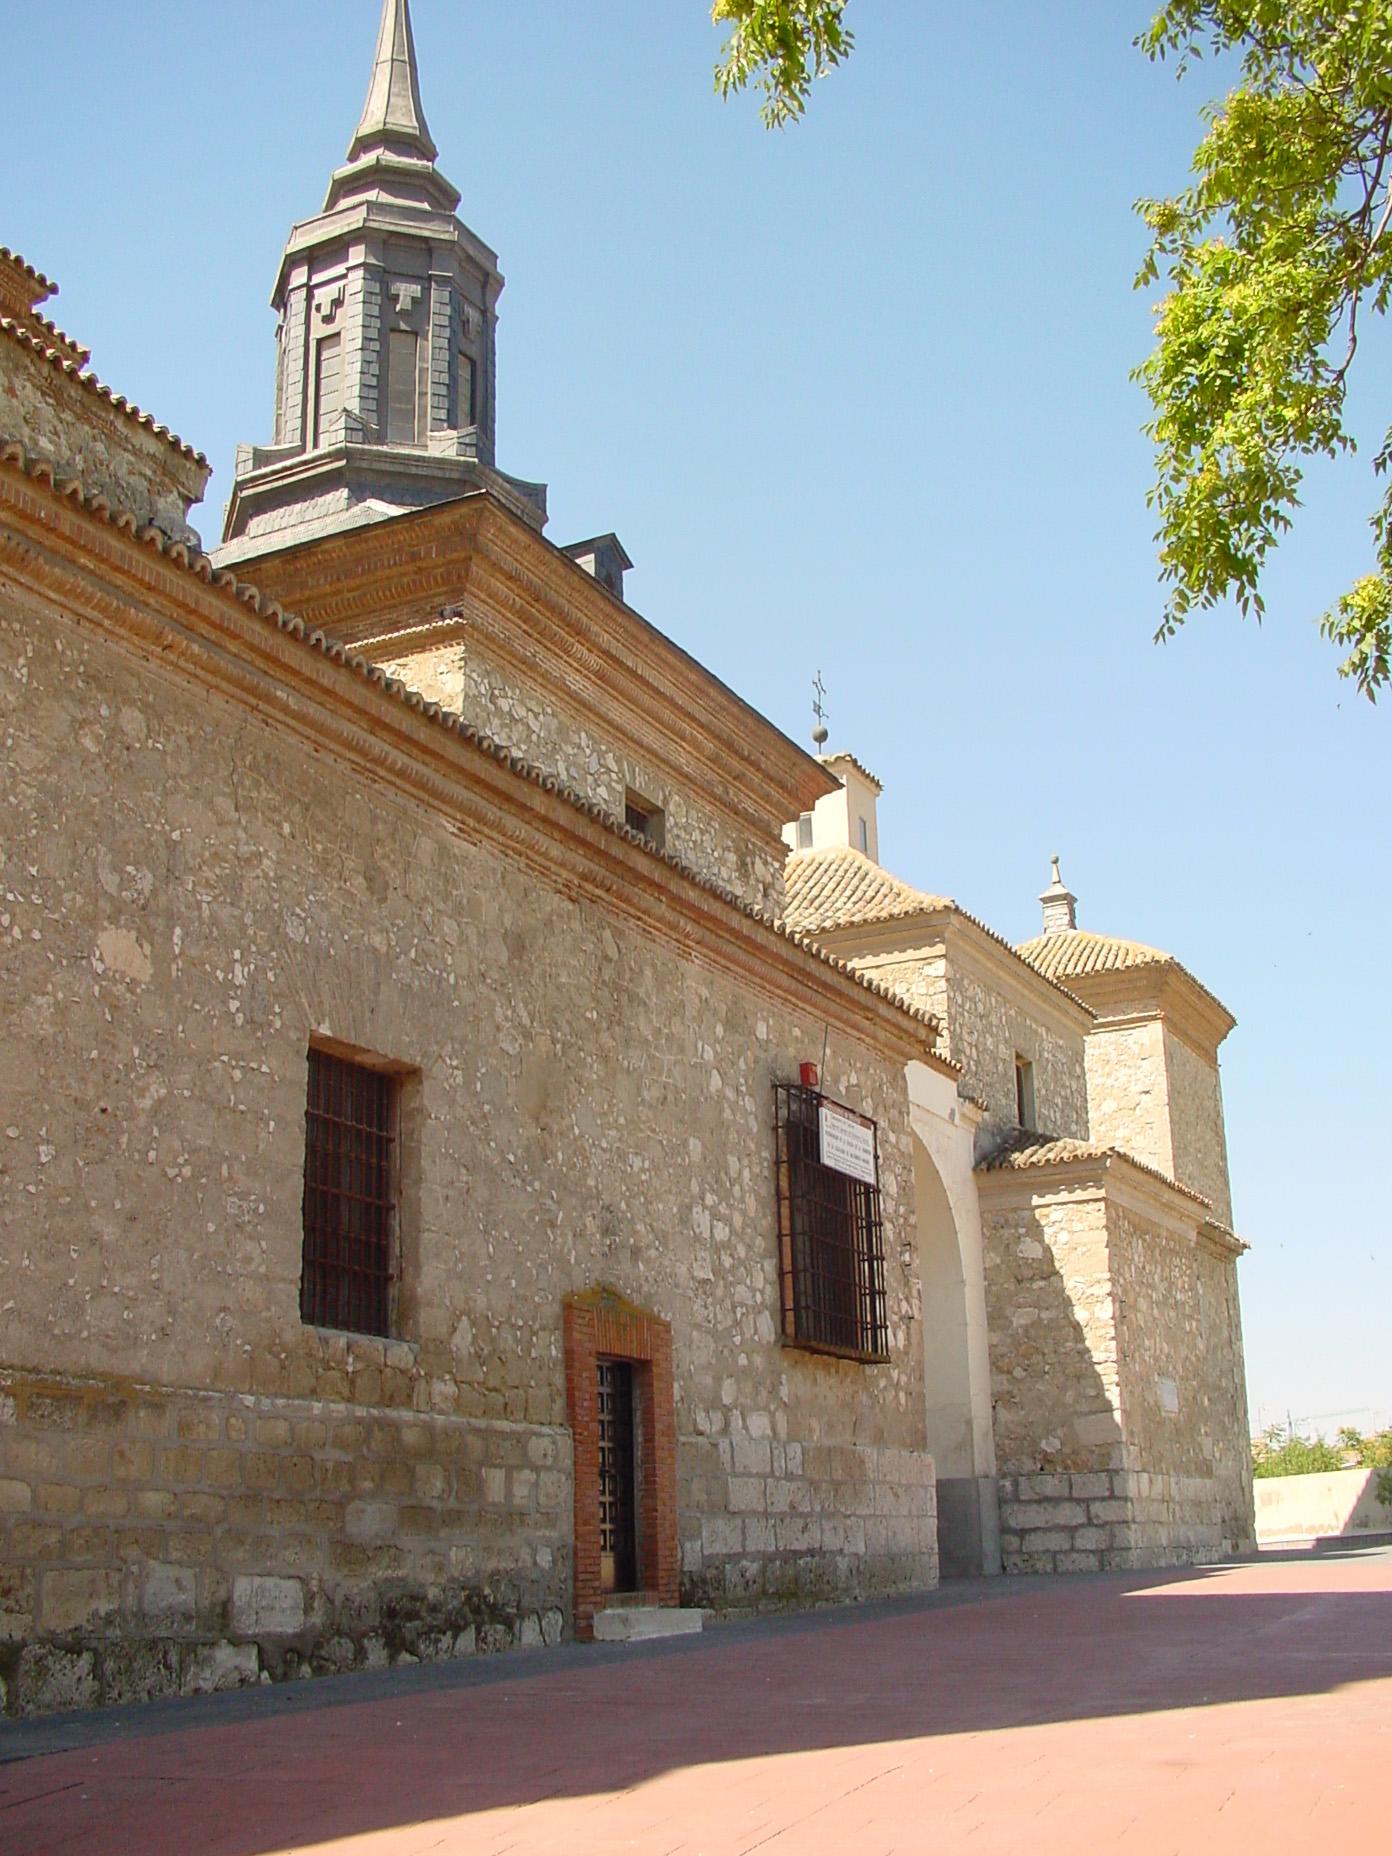 Vista lateral de iglesia en Valdemoro